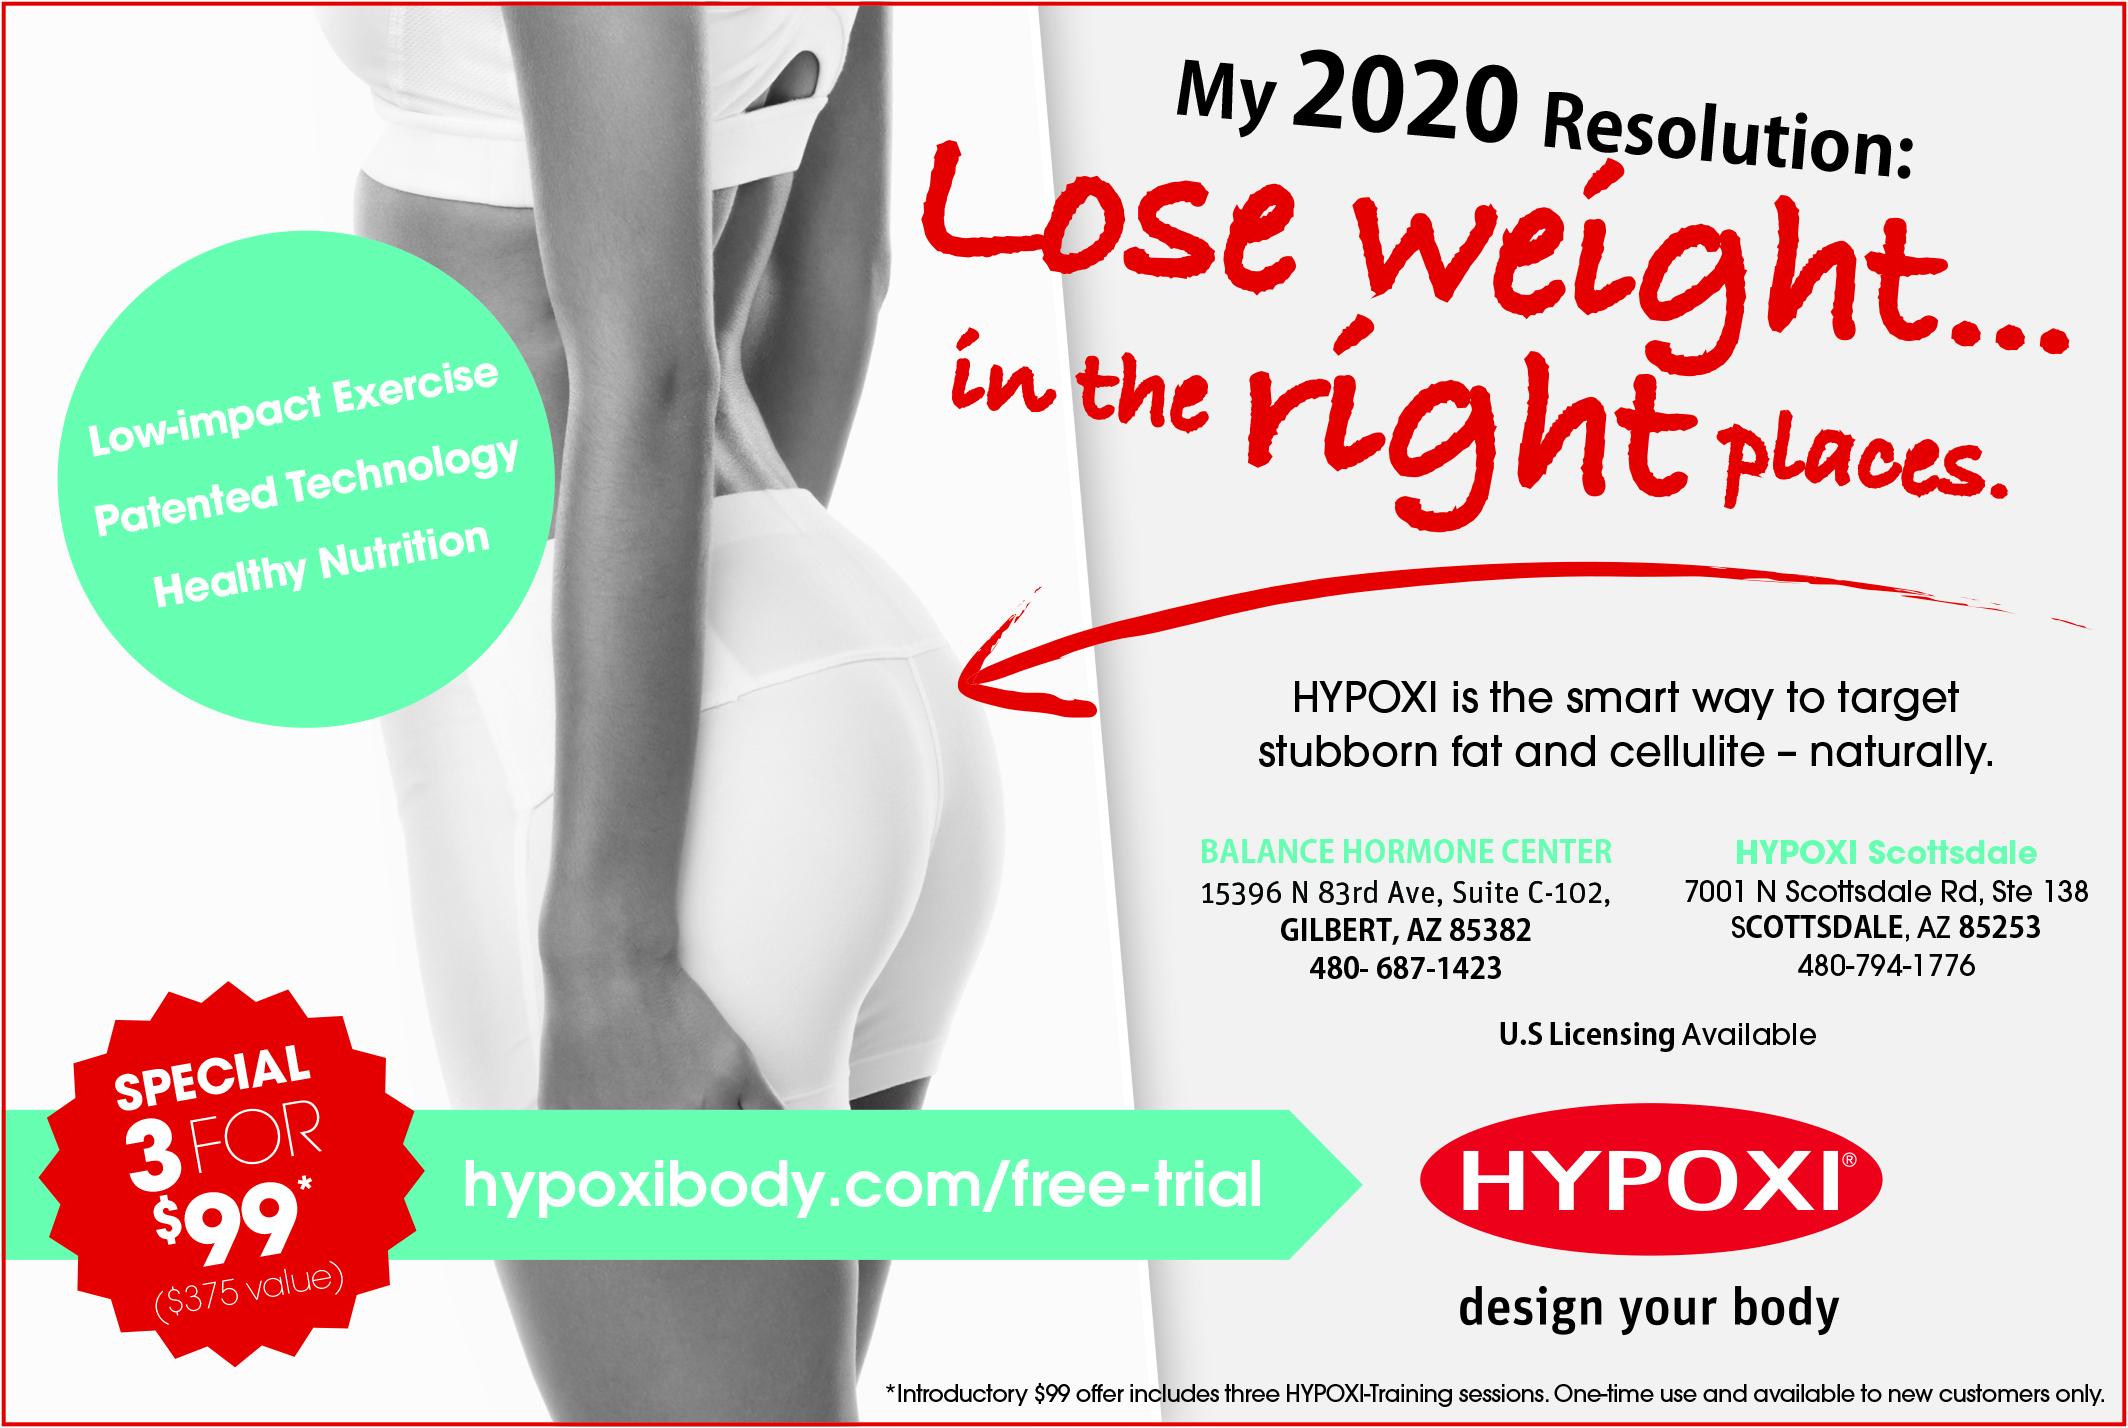 Hypoxi Us $ 99